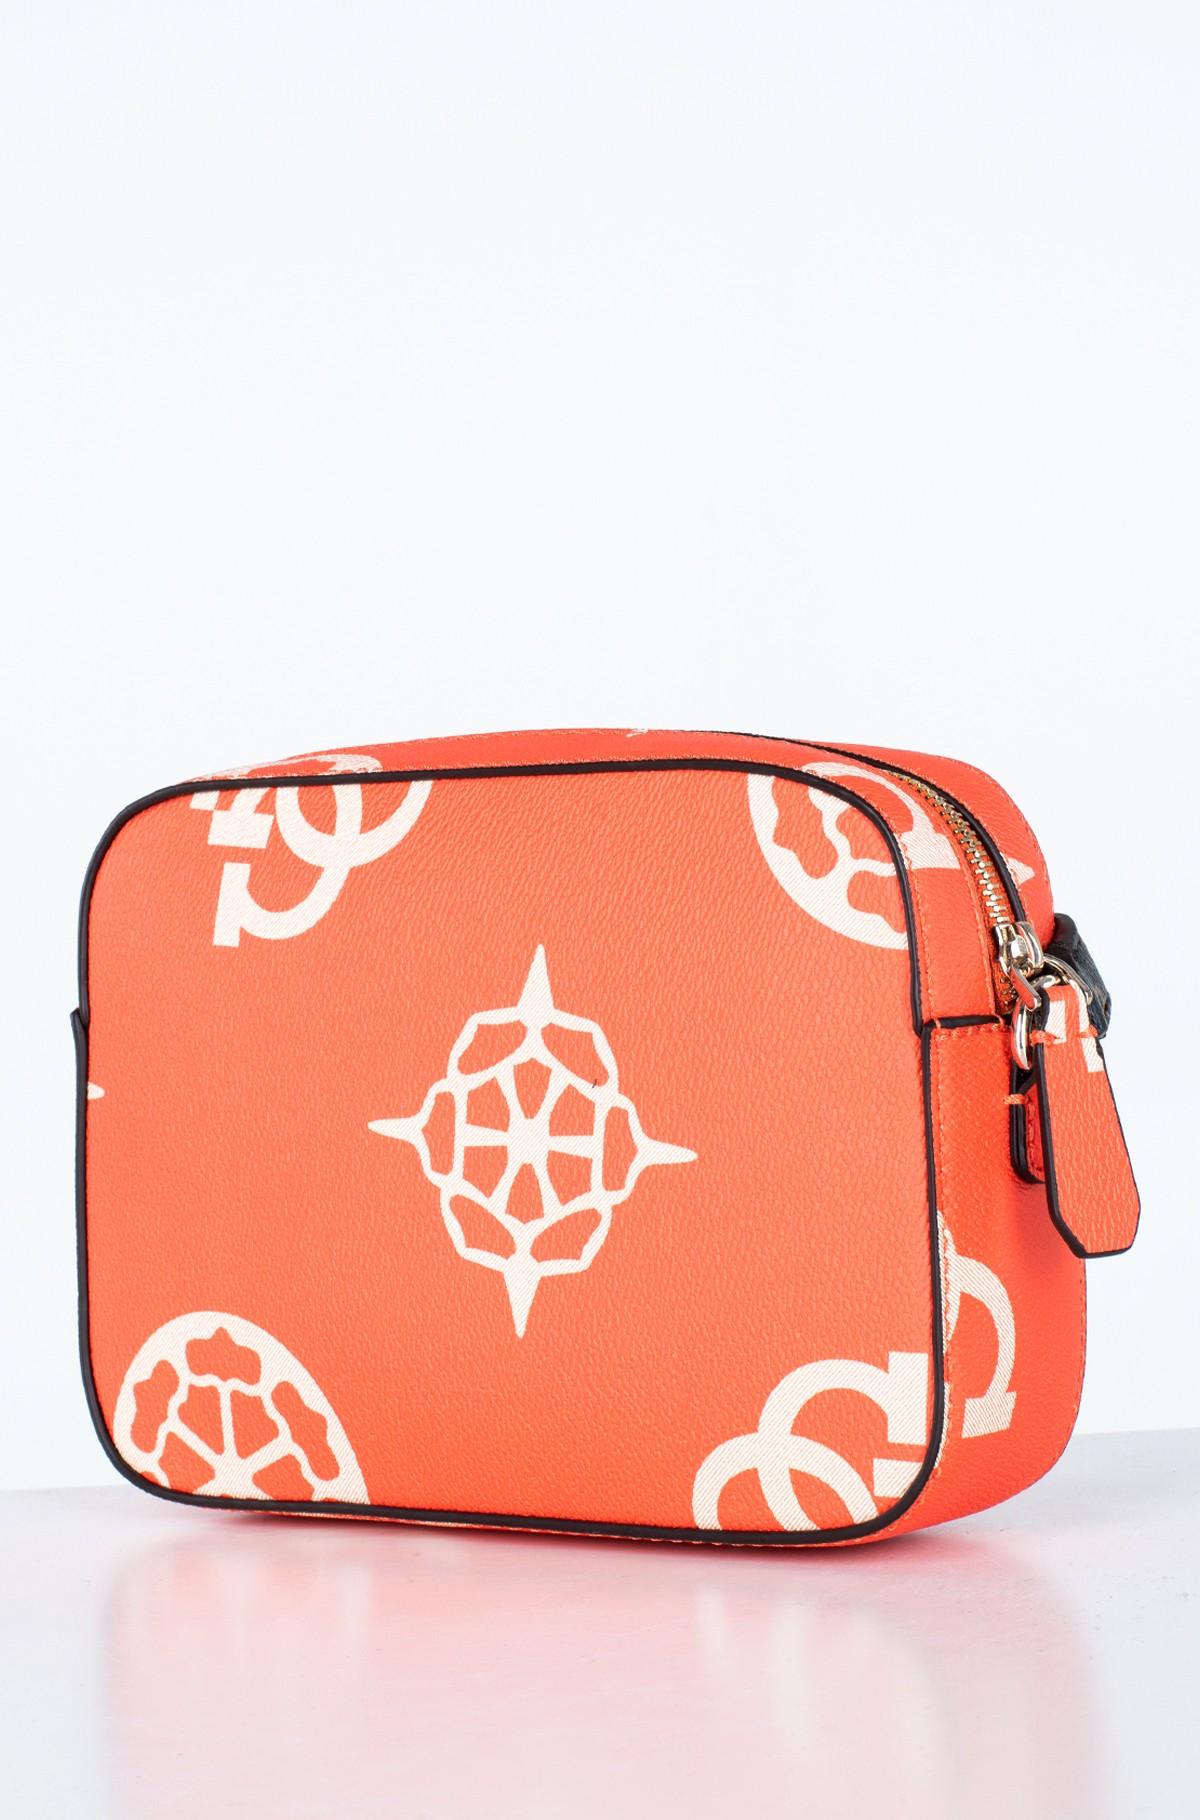 Shoulder bag HWSO66 91120-full-3